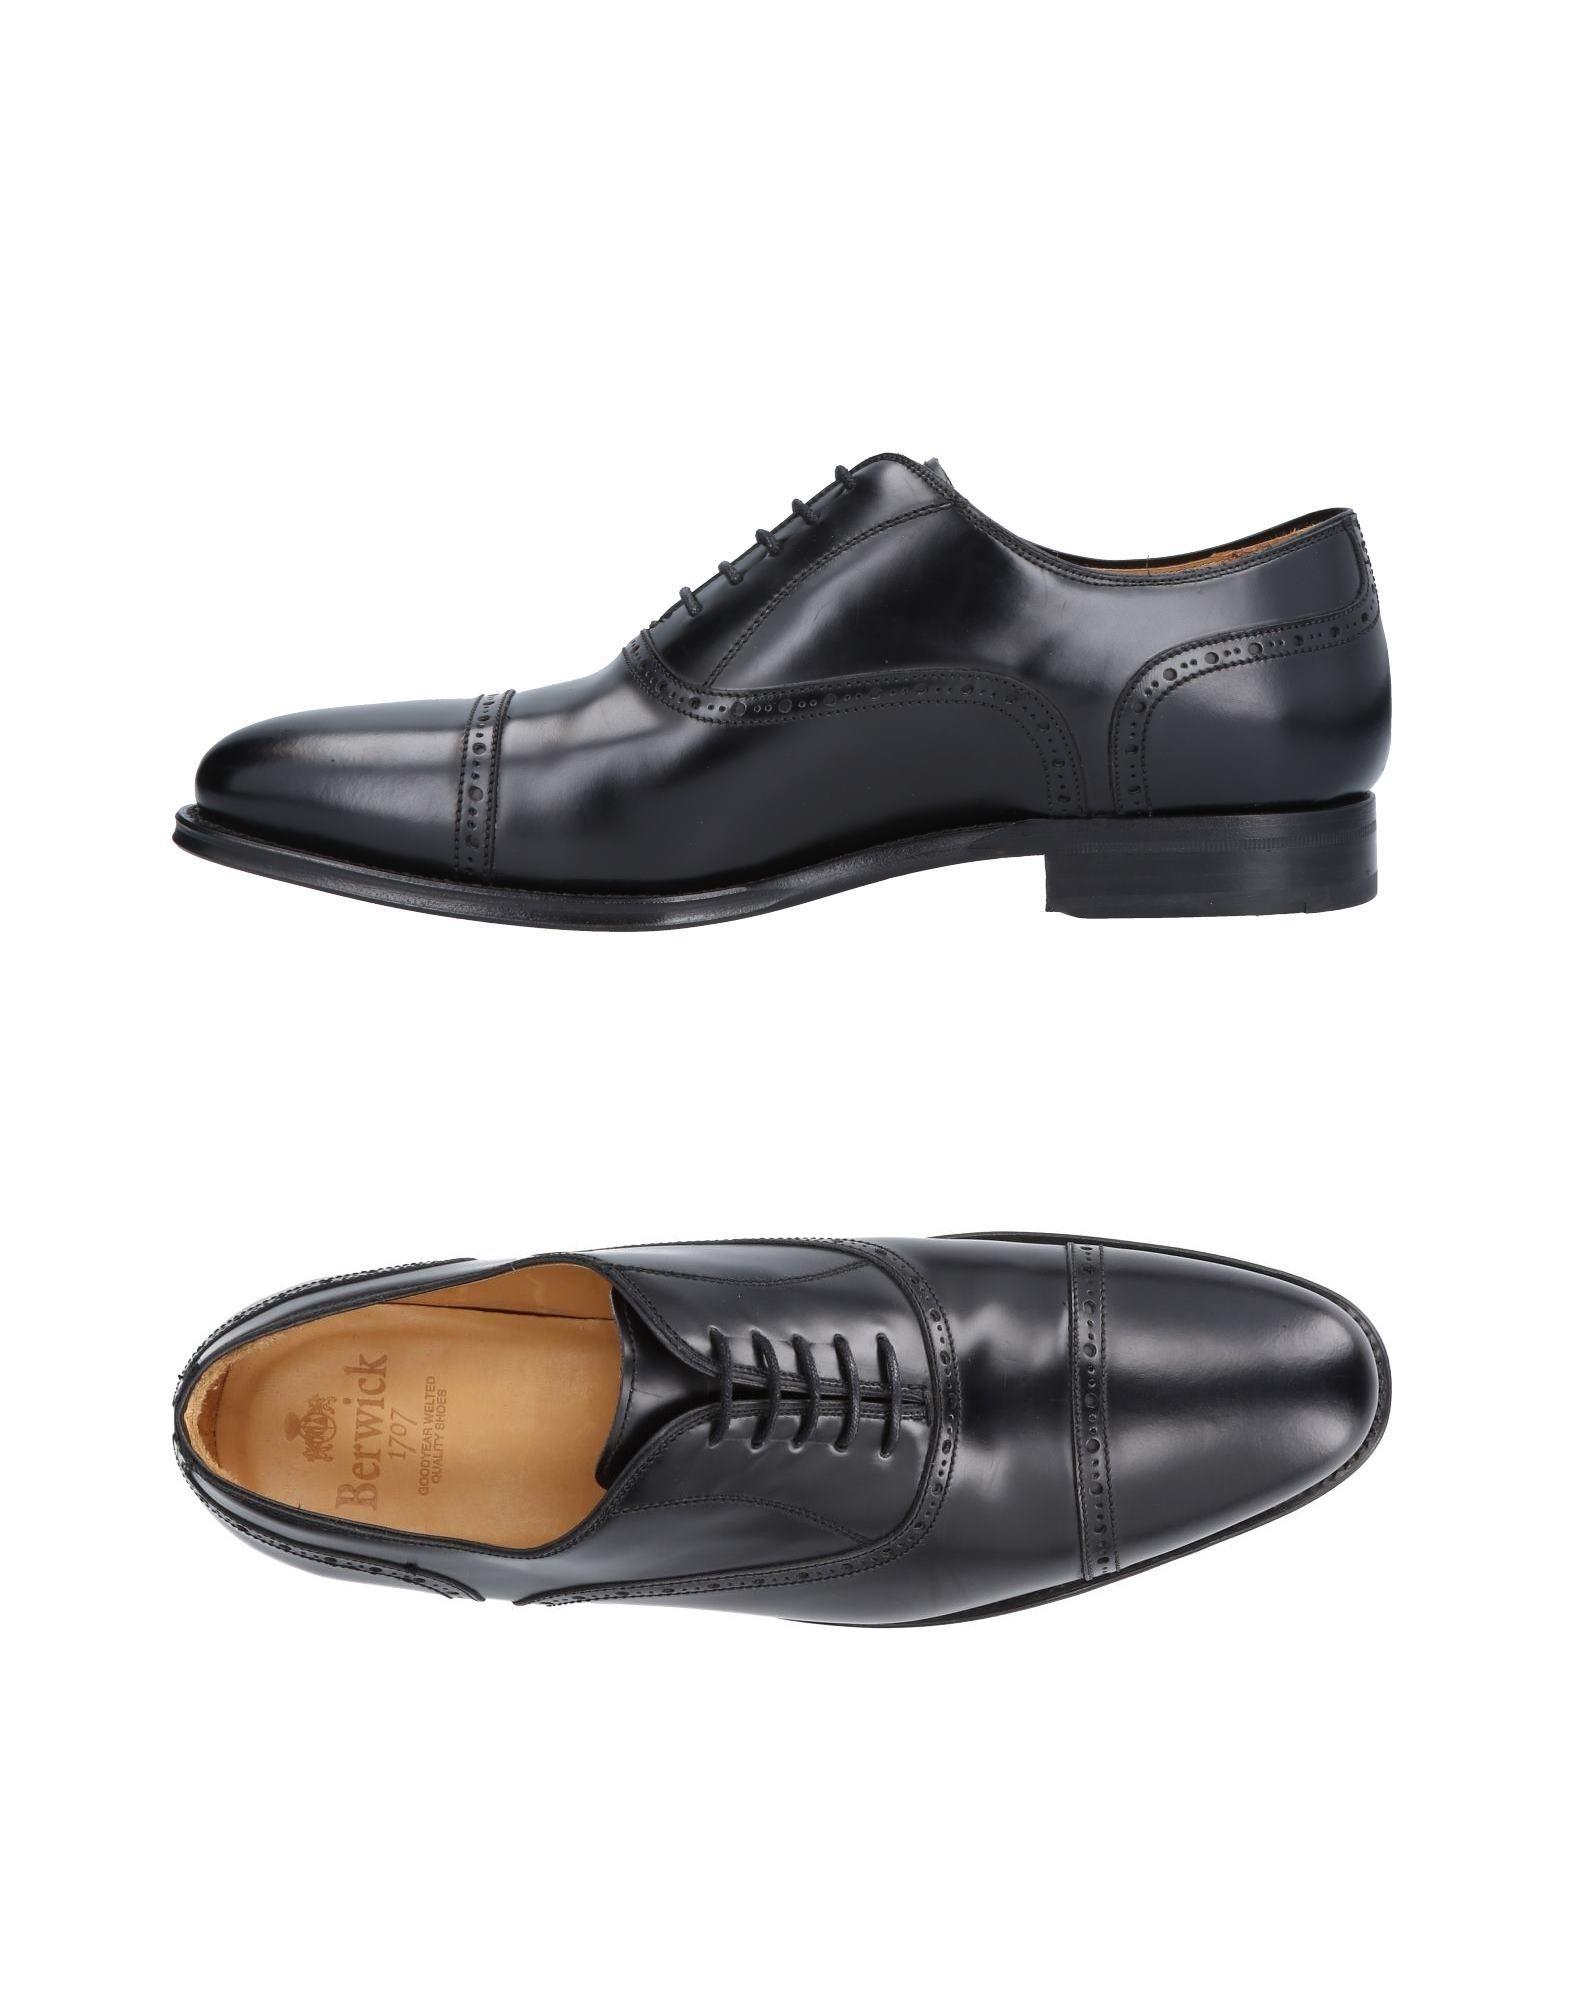 Rabatt echte Schuhe Herren Berwick  1707 Schnürschuhe Herren Schuhe  11486029HC 1d4a6e